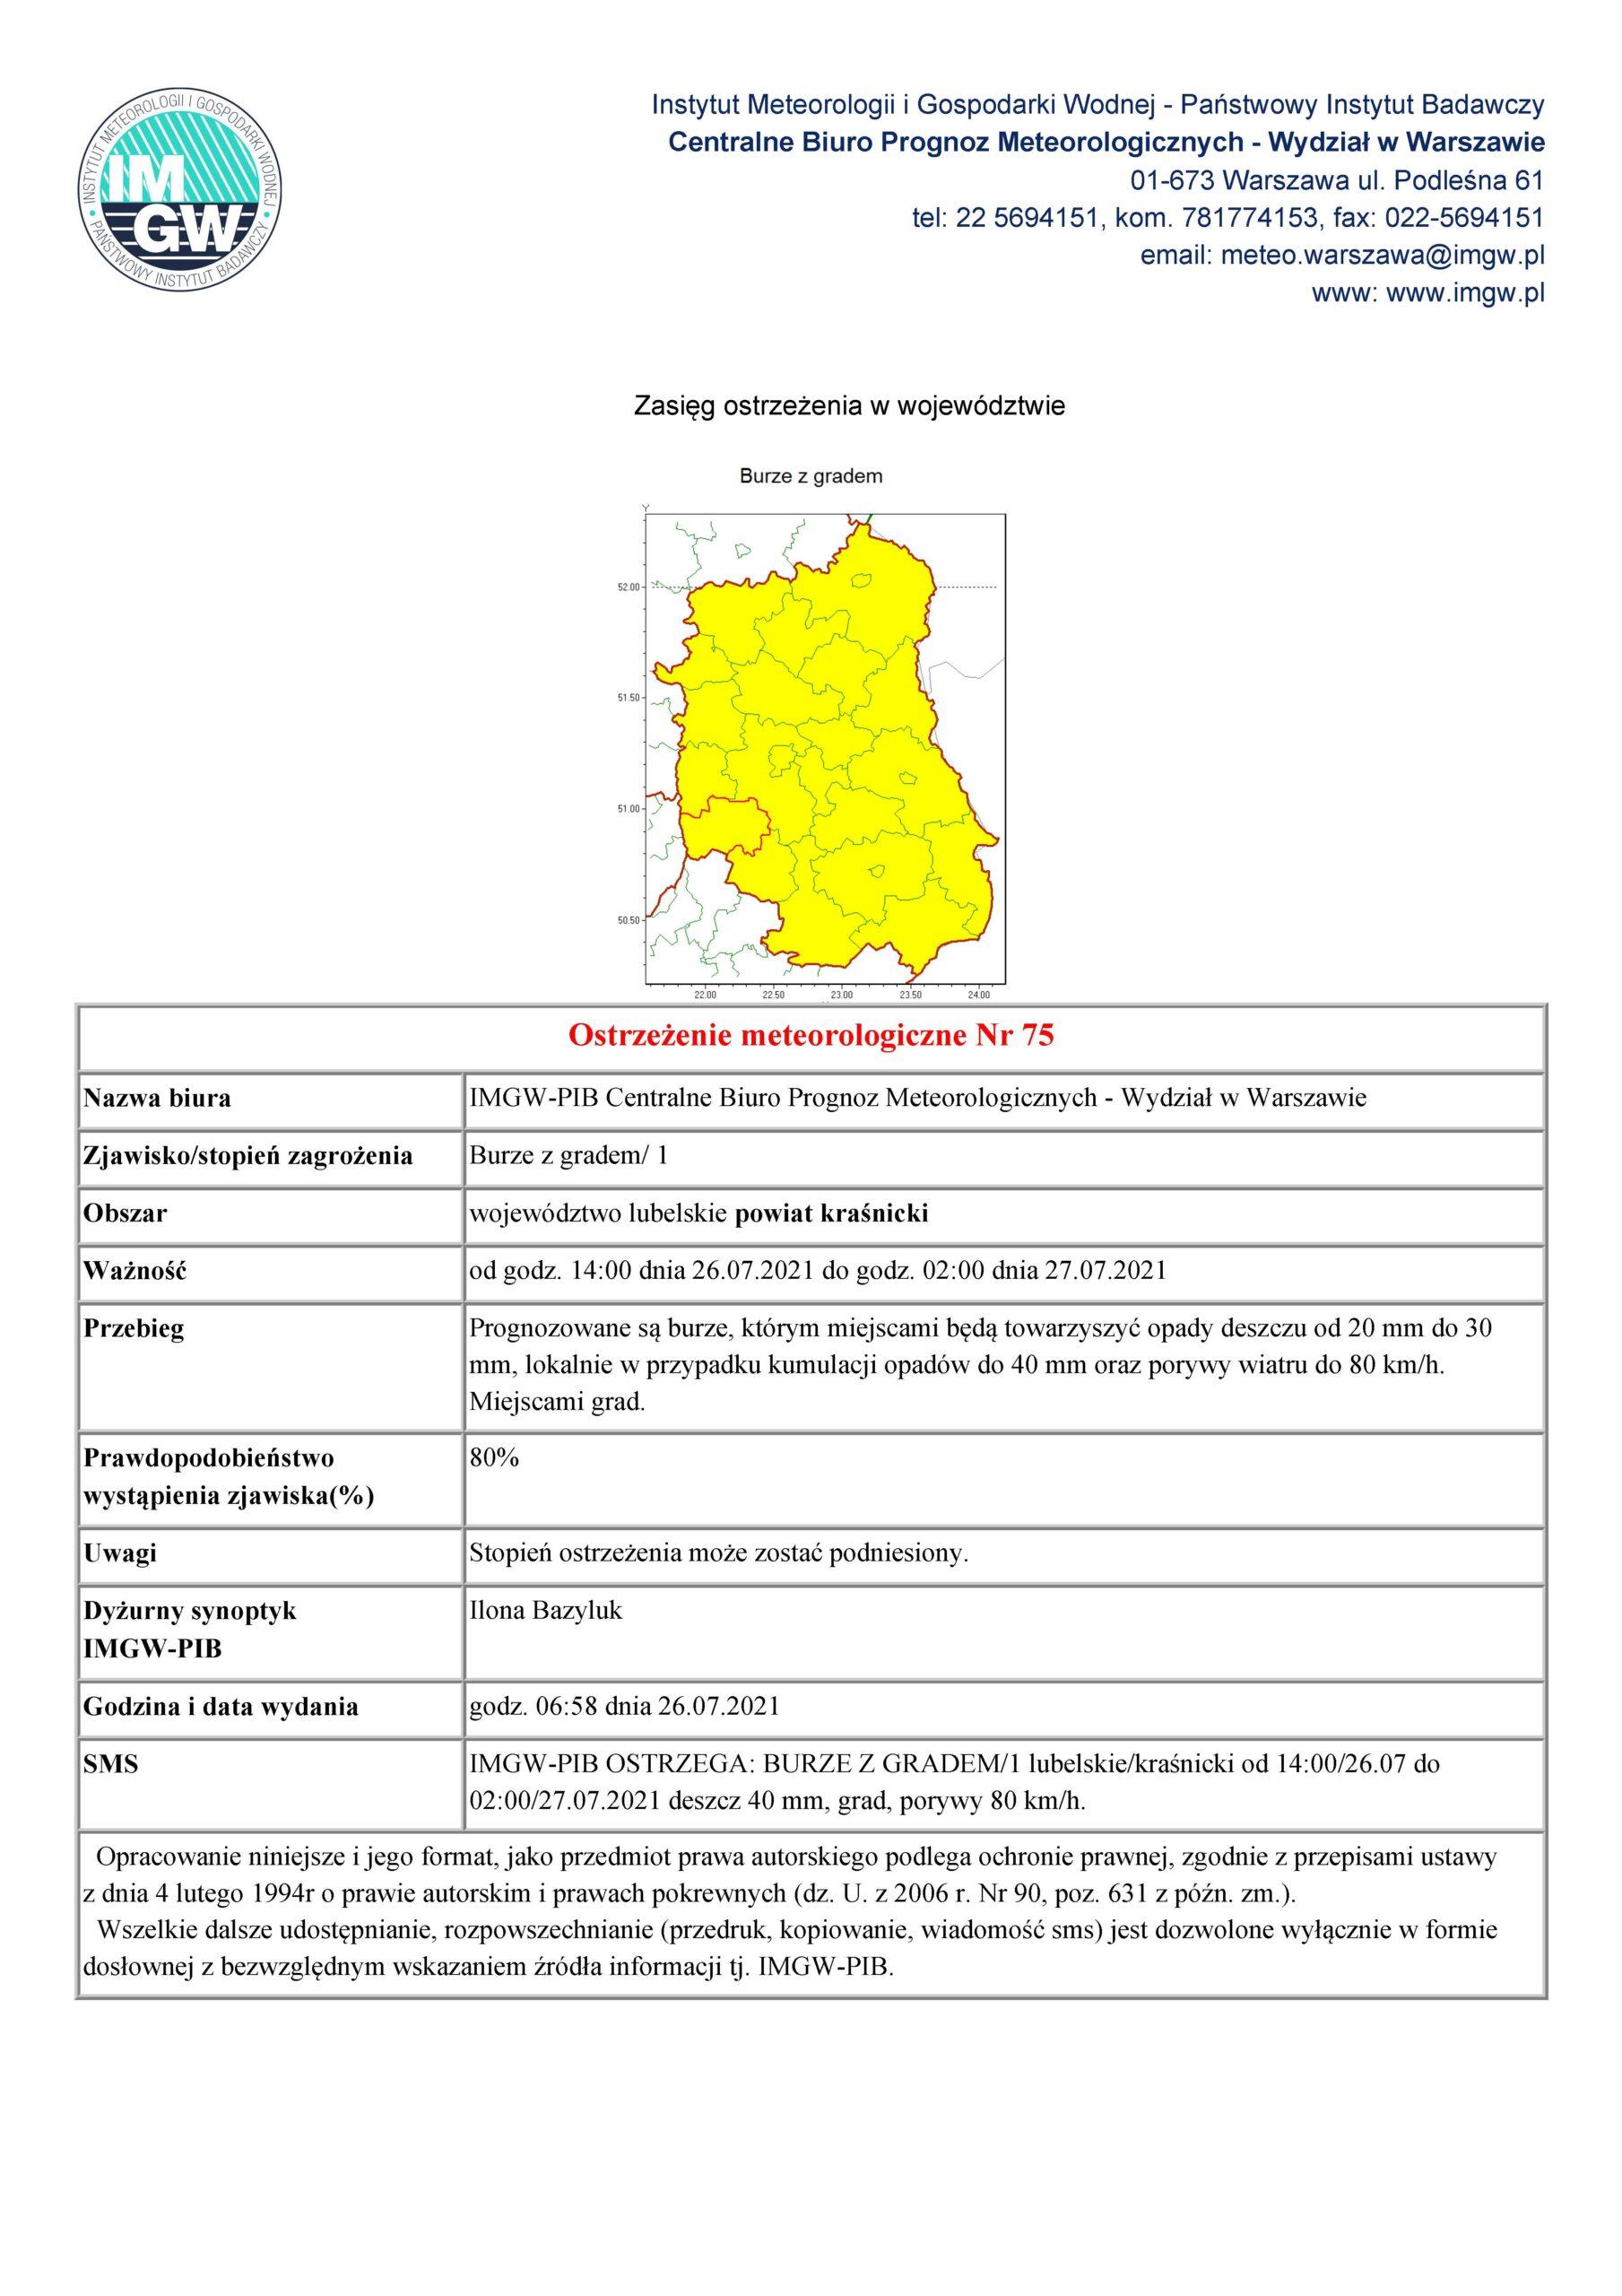 Ostrzeżenie meteorologiczne nr 75 z dnia 26.07.2021 r.